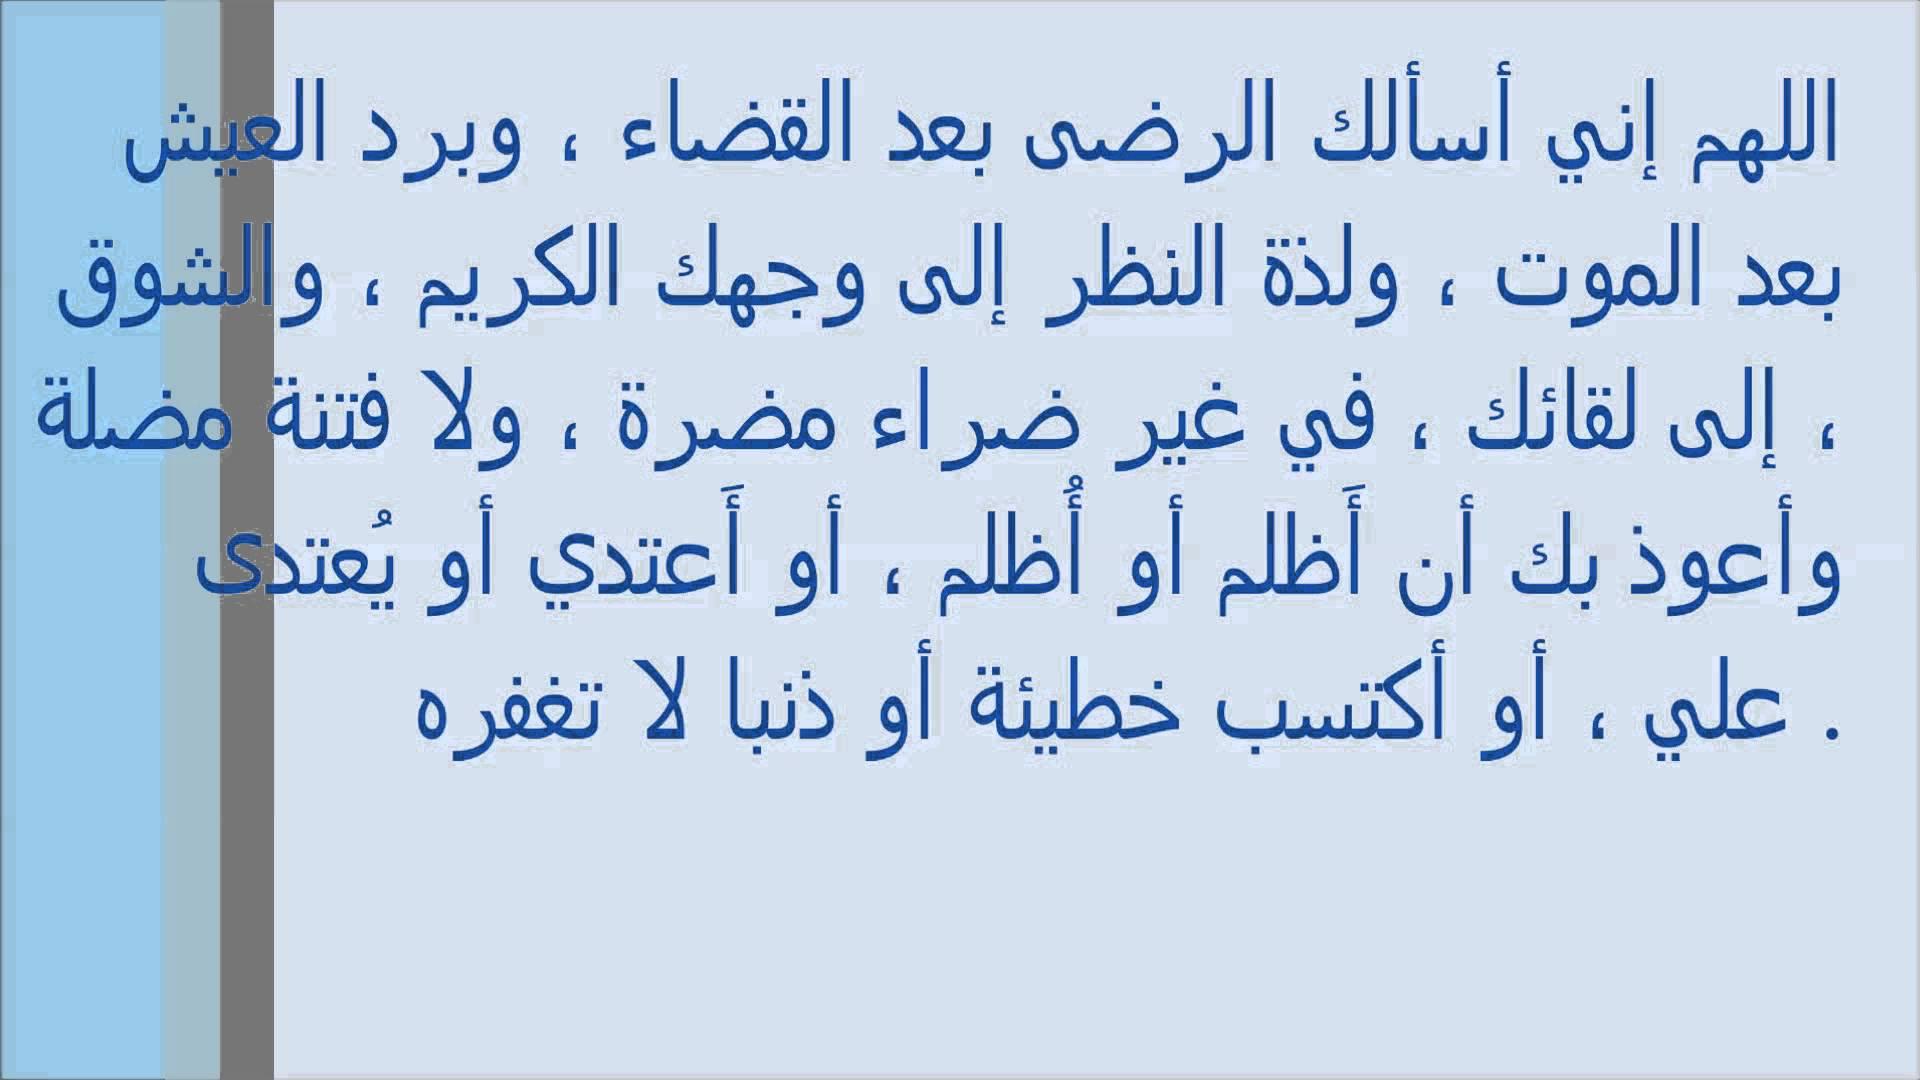 دعاء يوم عرفة وأدعية رمضان 100 دعاء من الأدعية المستجابة بإذن الله